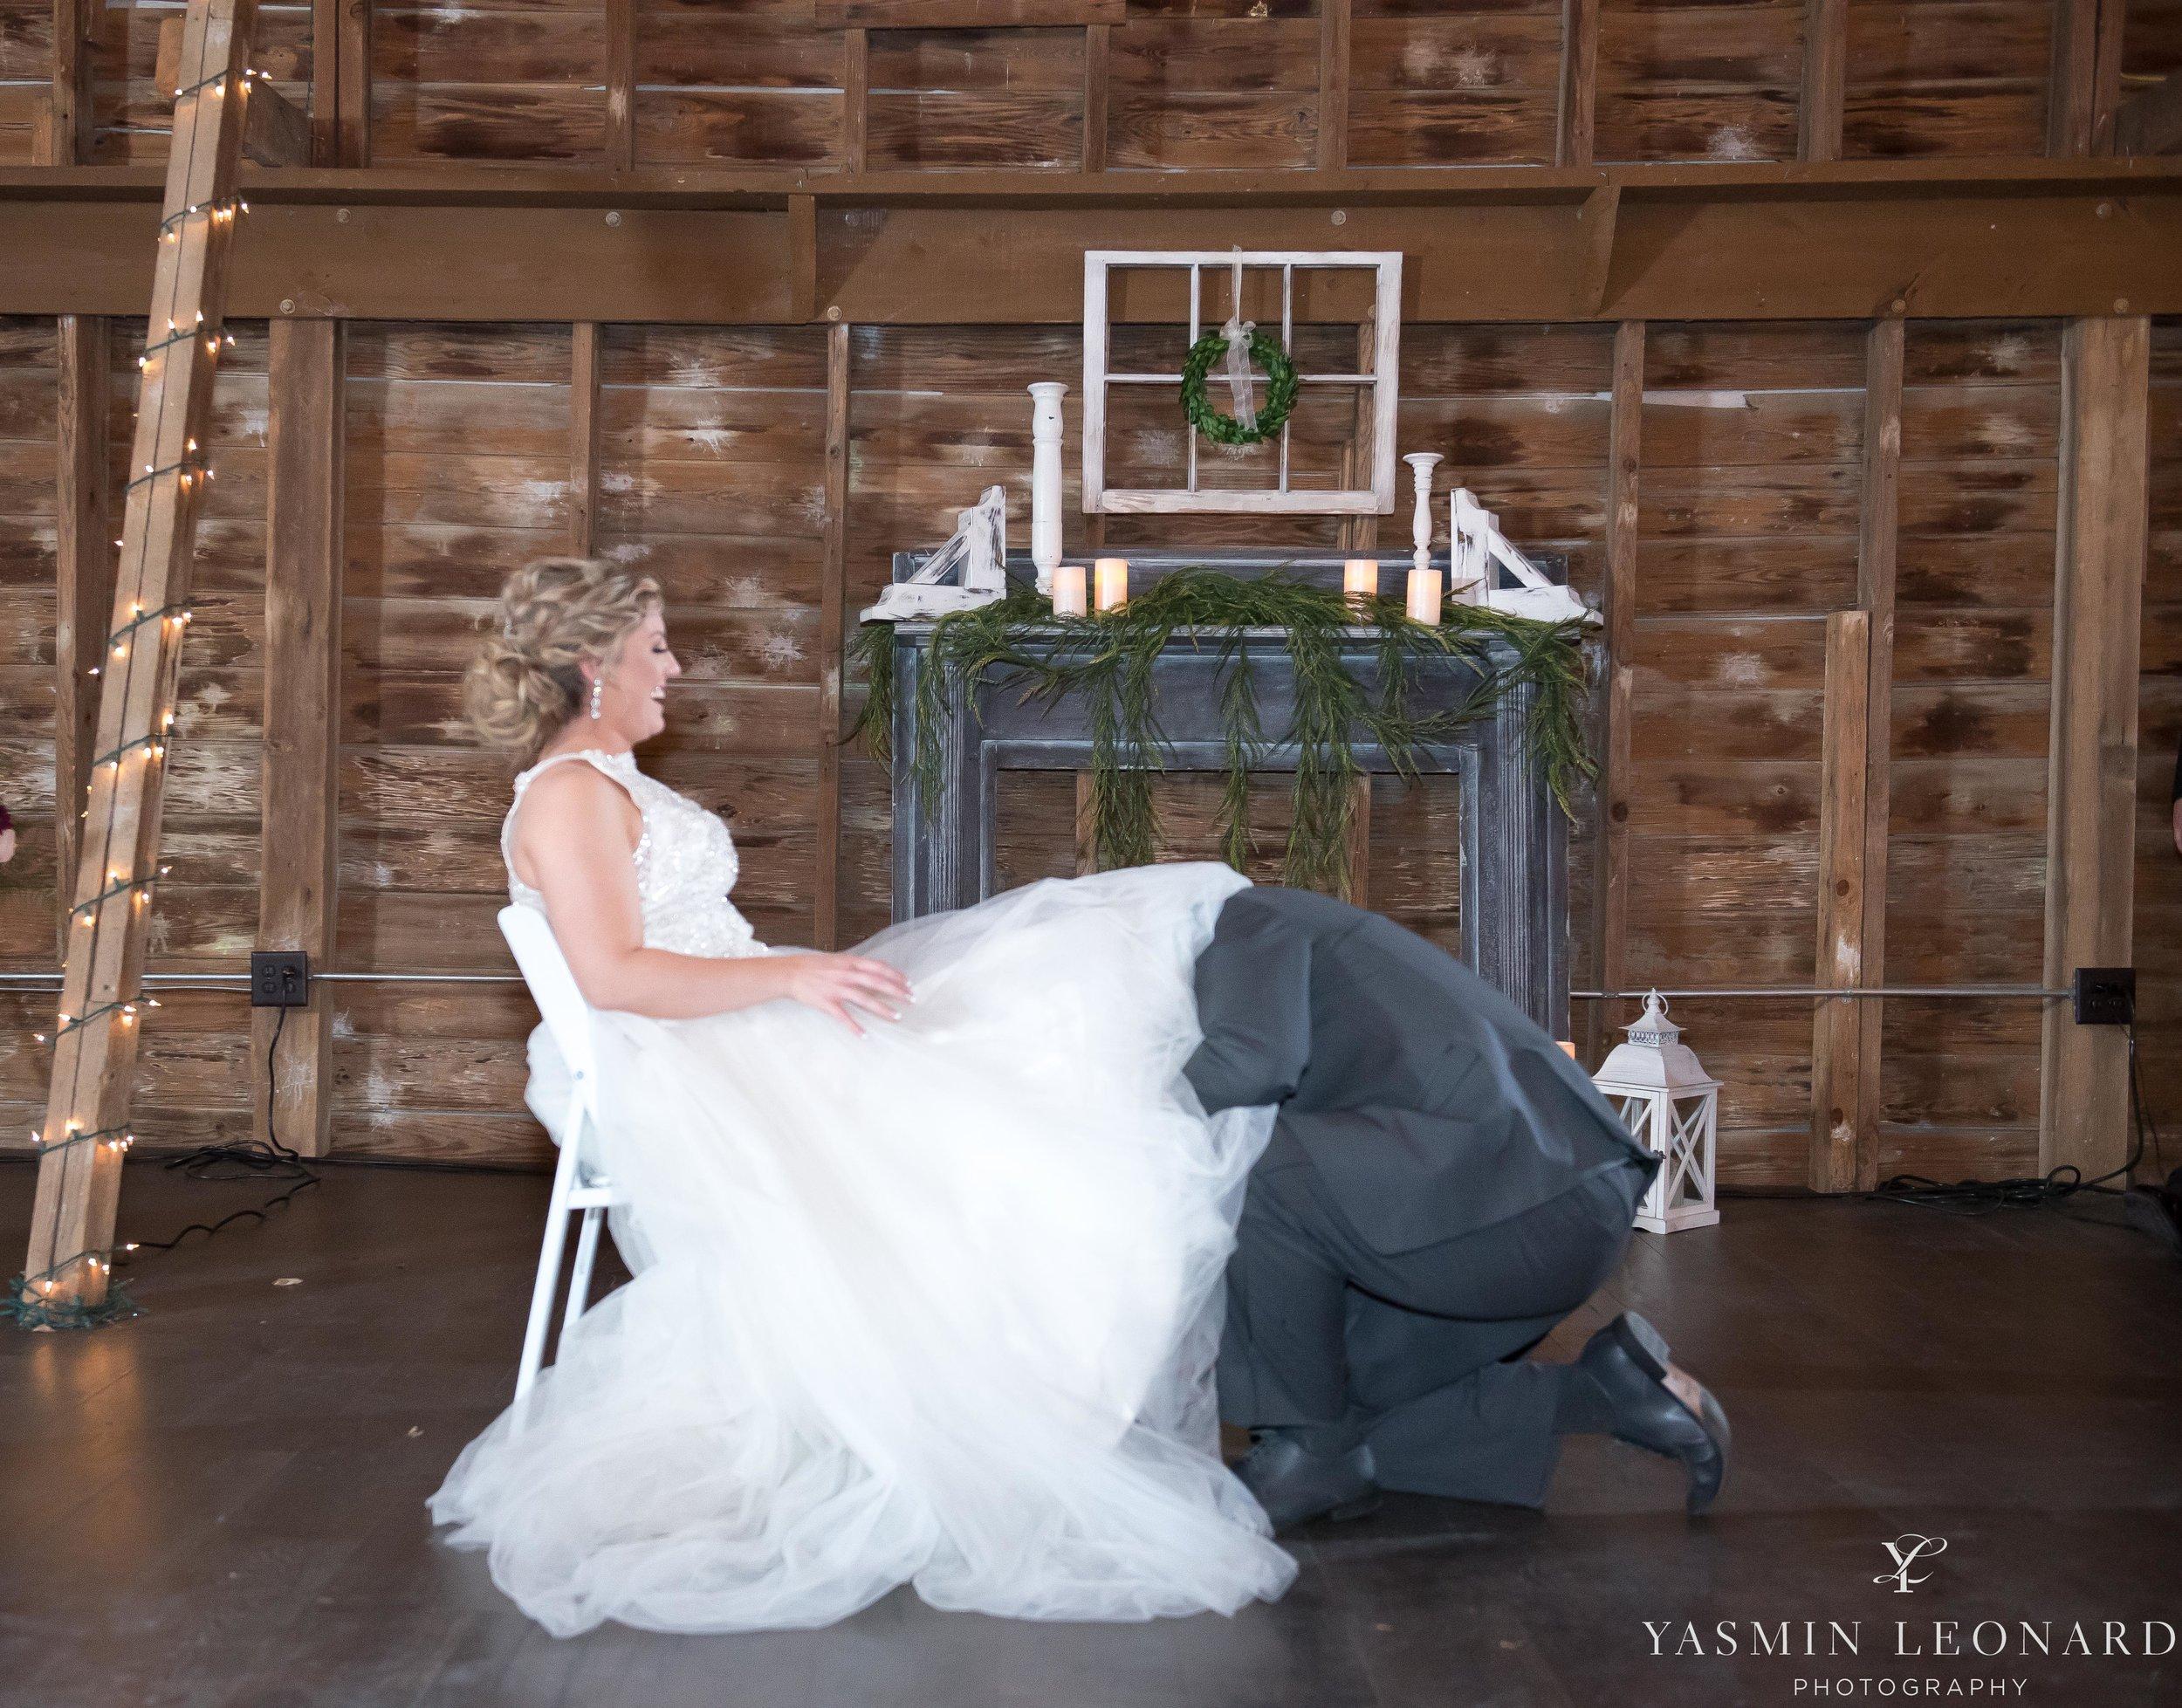 Millikan Farms - Millikan Farms Wedding - Sophia NC Wedding - NC Wedding - NC Wedding Photographer - Yasmin Leonard Photography - High Point Photographer - Barn Wedding - Wedding Venues in NC - Triad Wedding Photographer-85.jpg